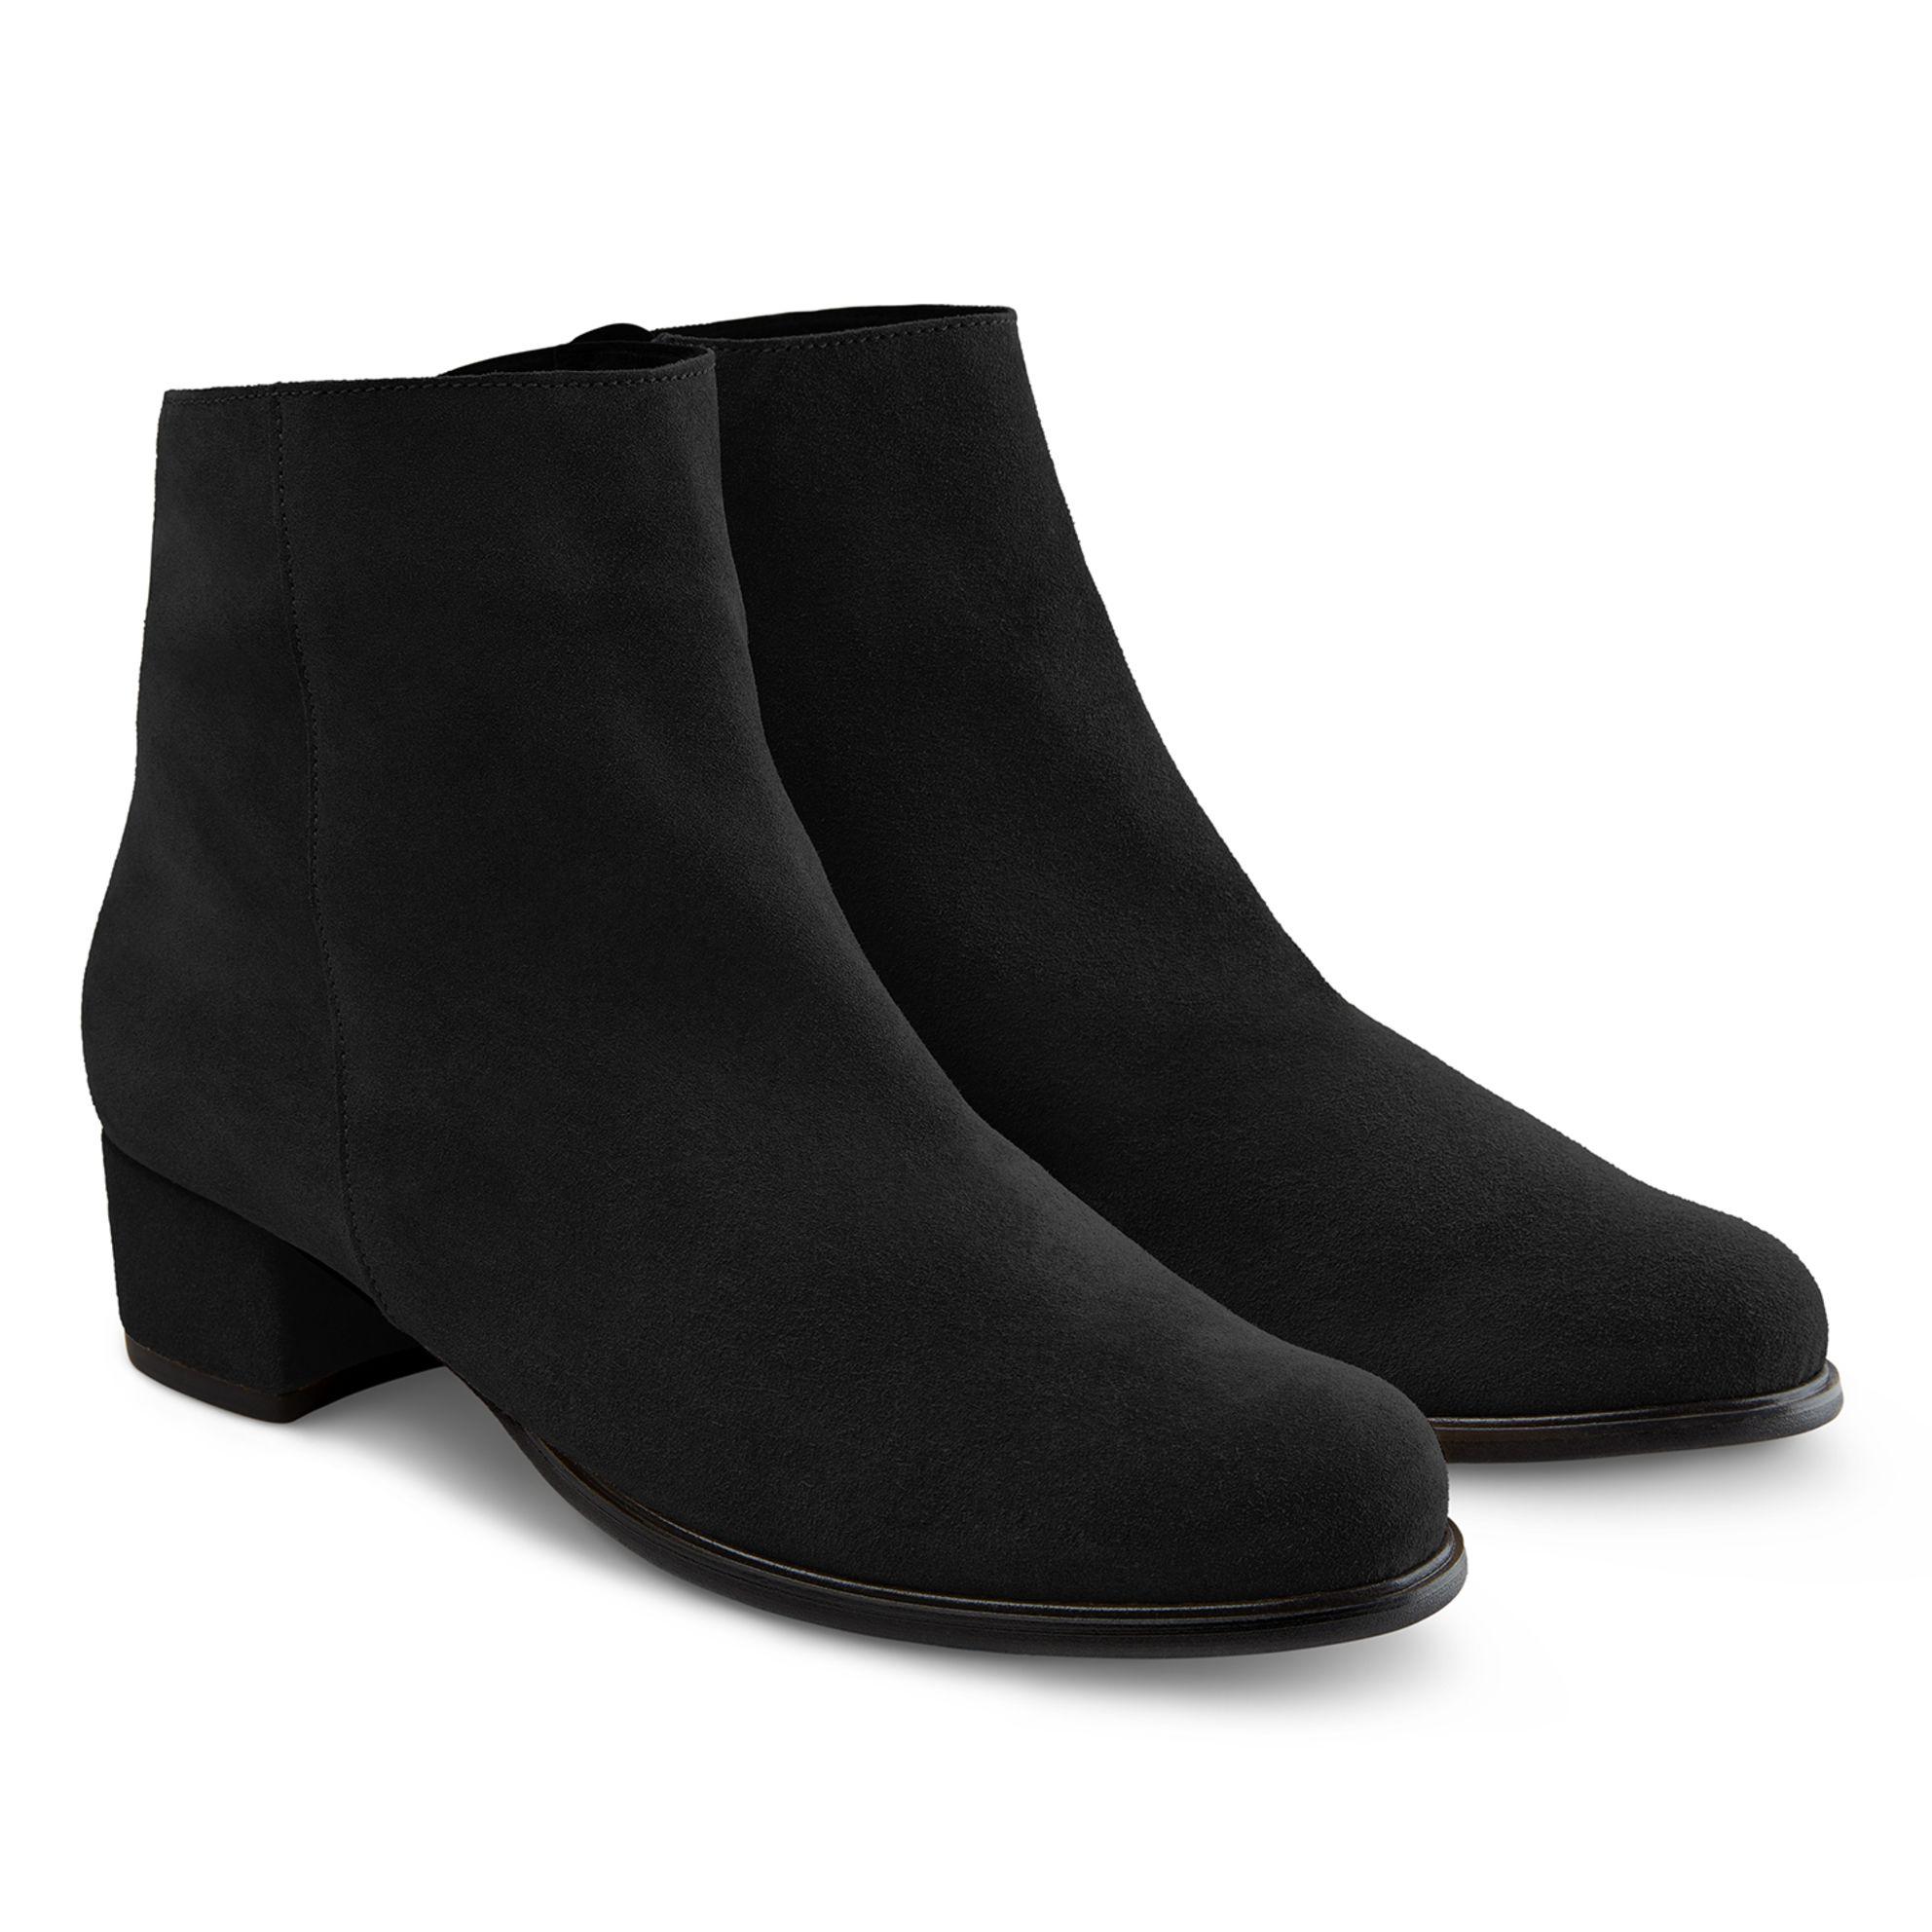 Stiefelette auf Blockabsatz Schwarz – modischer und bequemer Schuh für Hallux valgus und empfindliche Füße von LaShoe.de